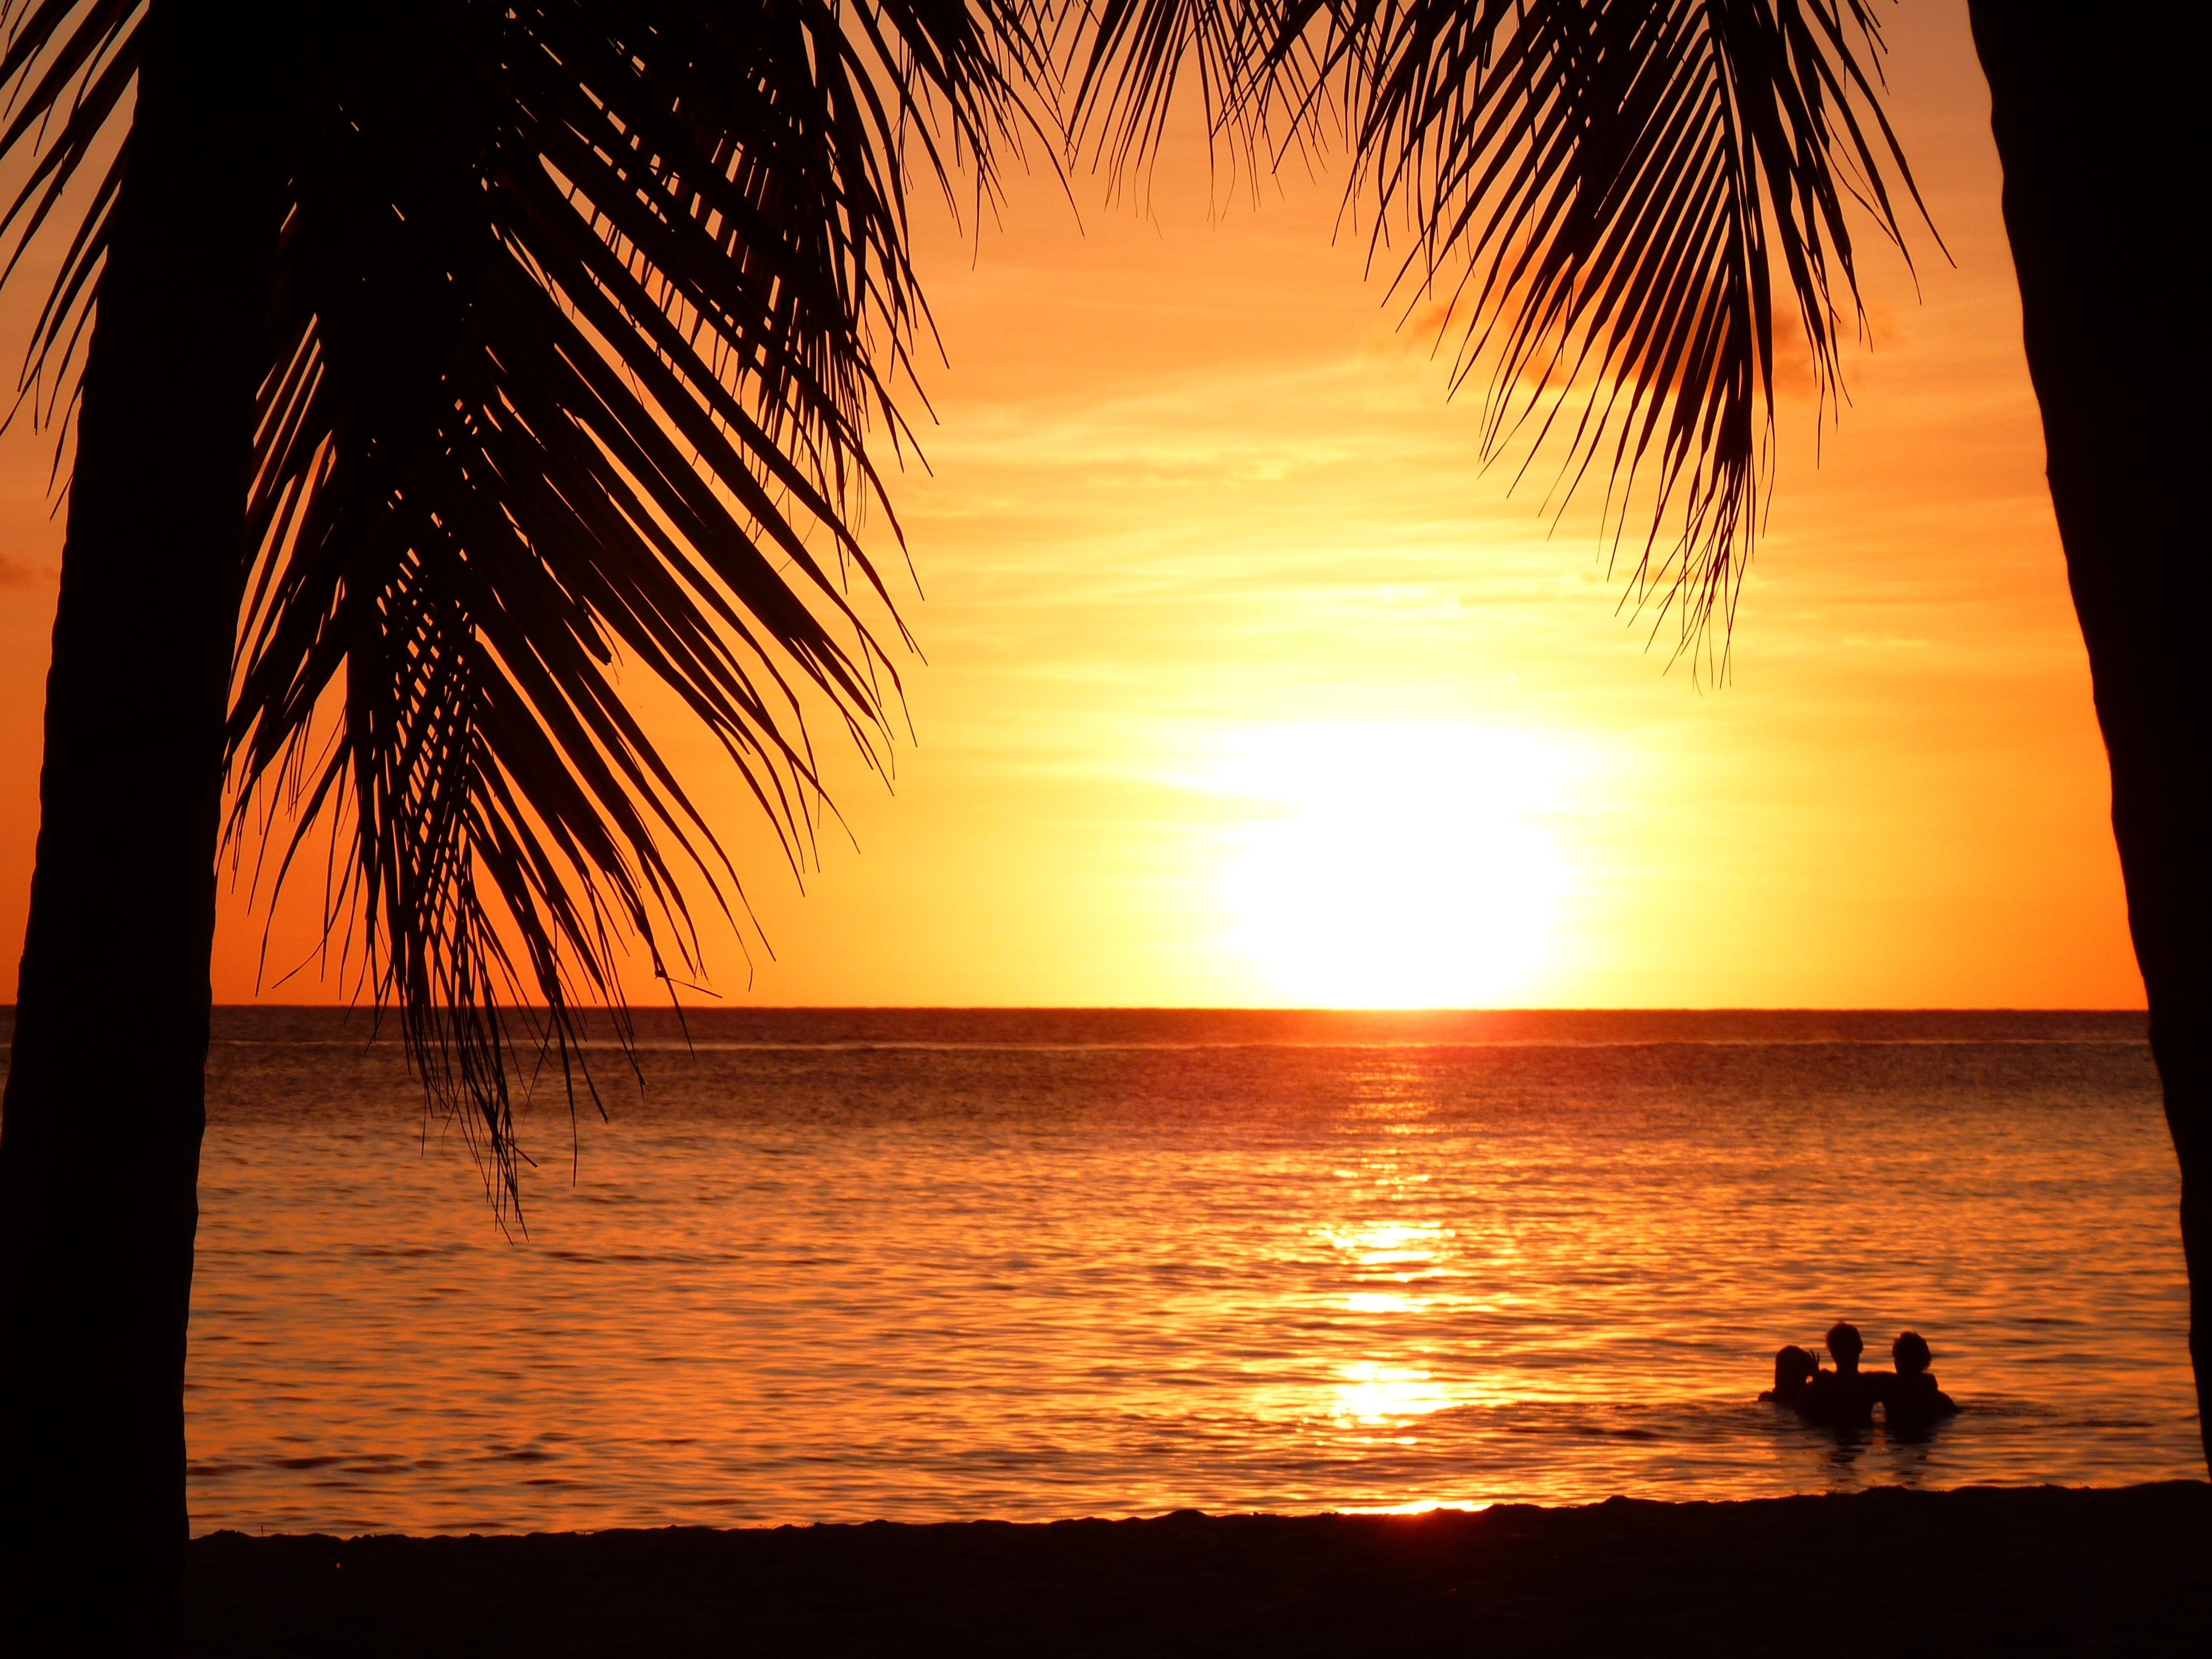 Coucher de soleil aux salines plages mer coucher de soleil les salines pointe sud - Photos coucher de soleil ...